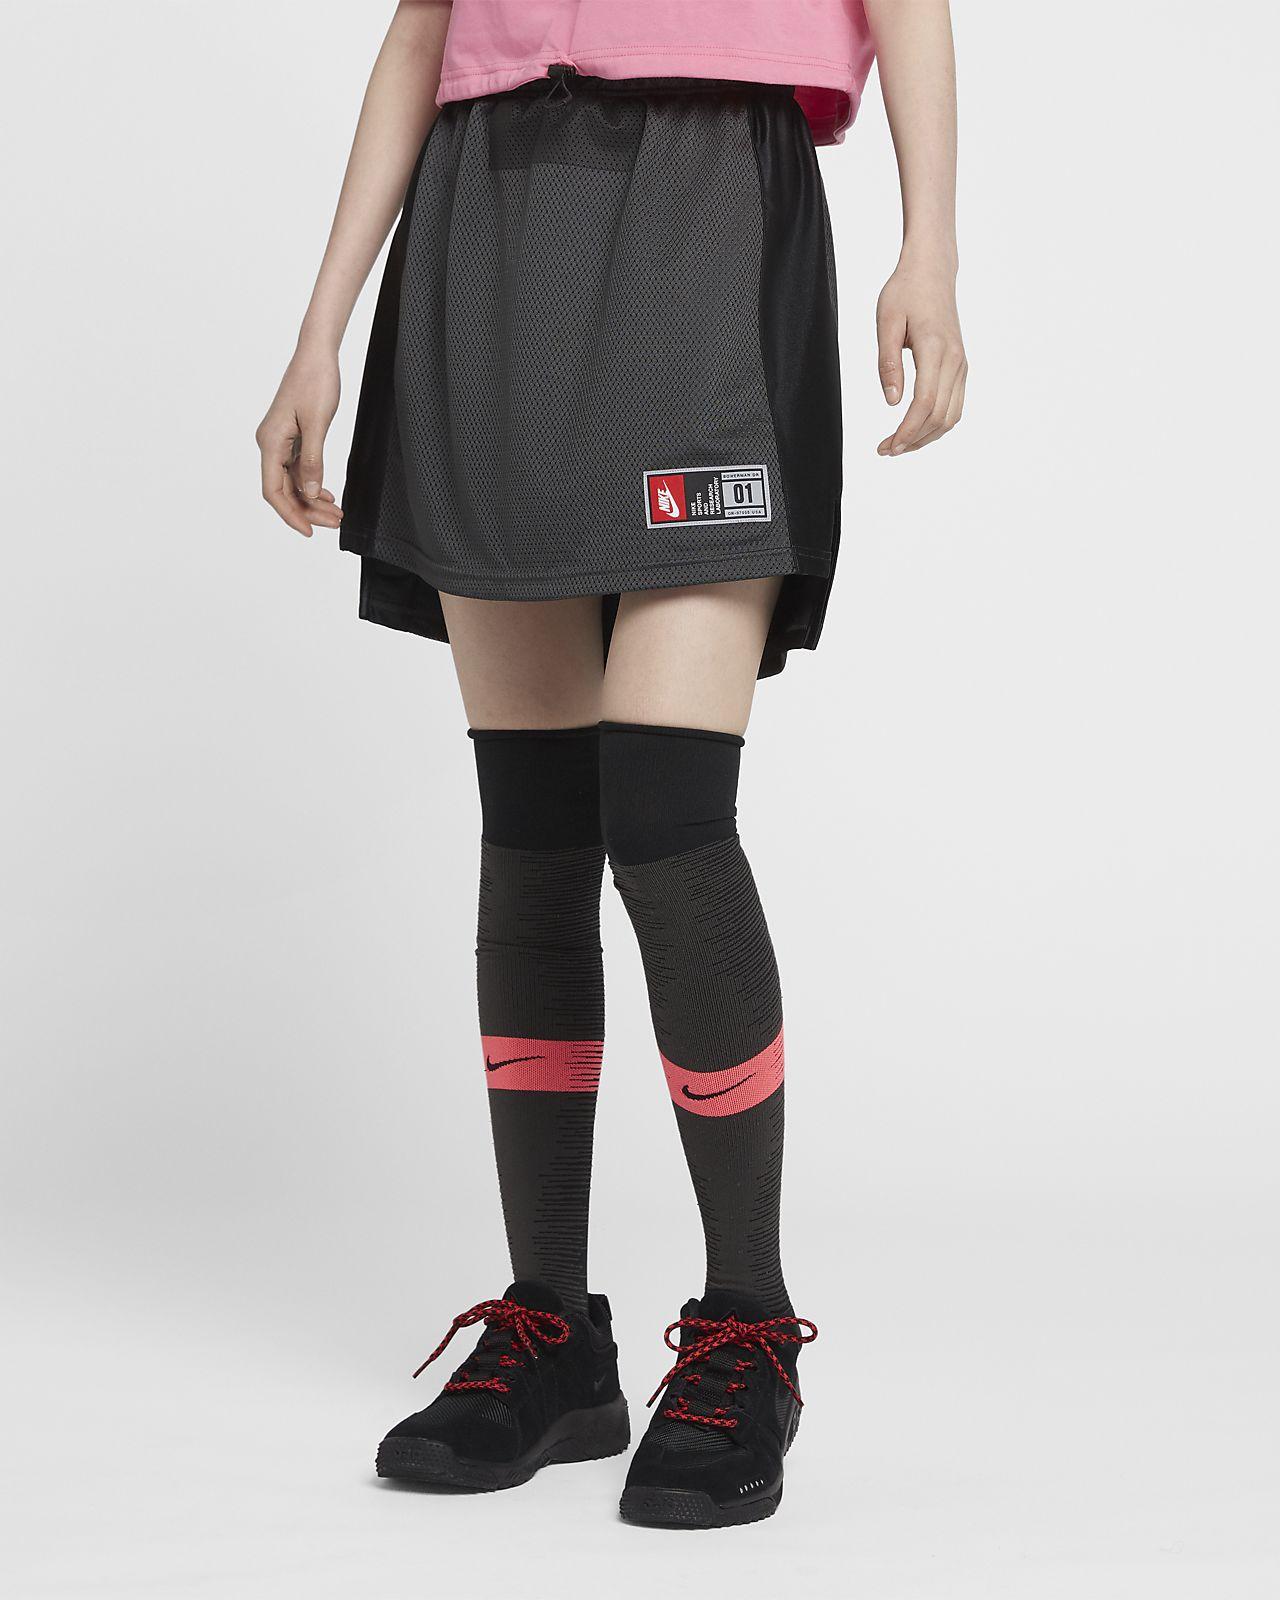 Fotbollskjol NikeLab Collection för kvinnor